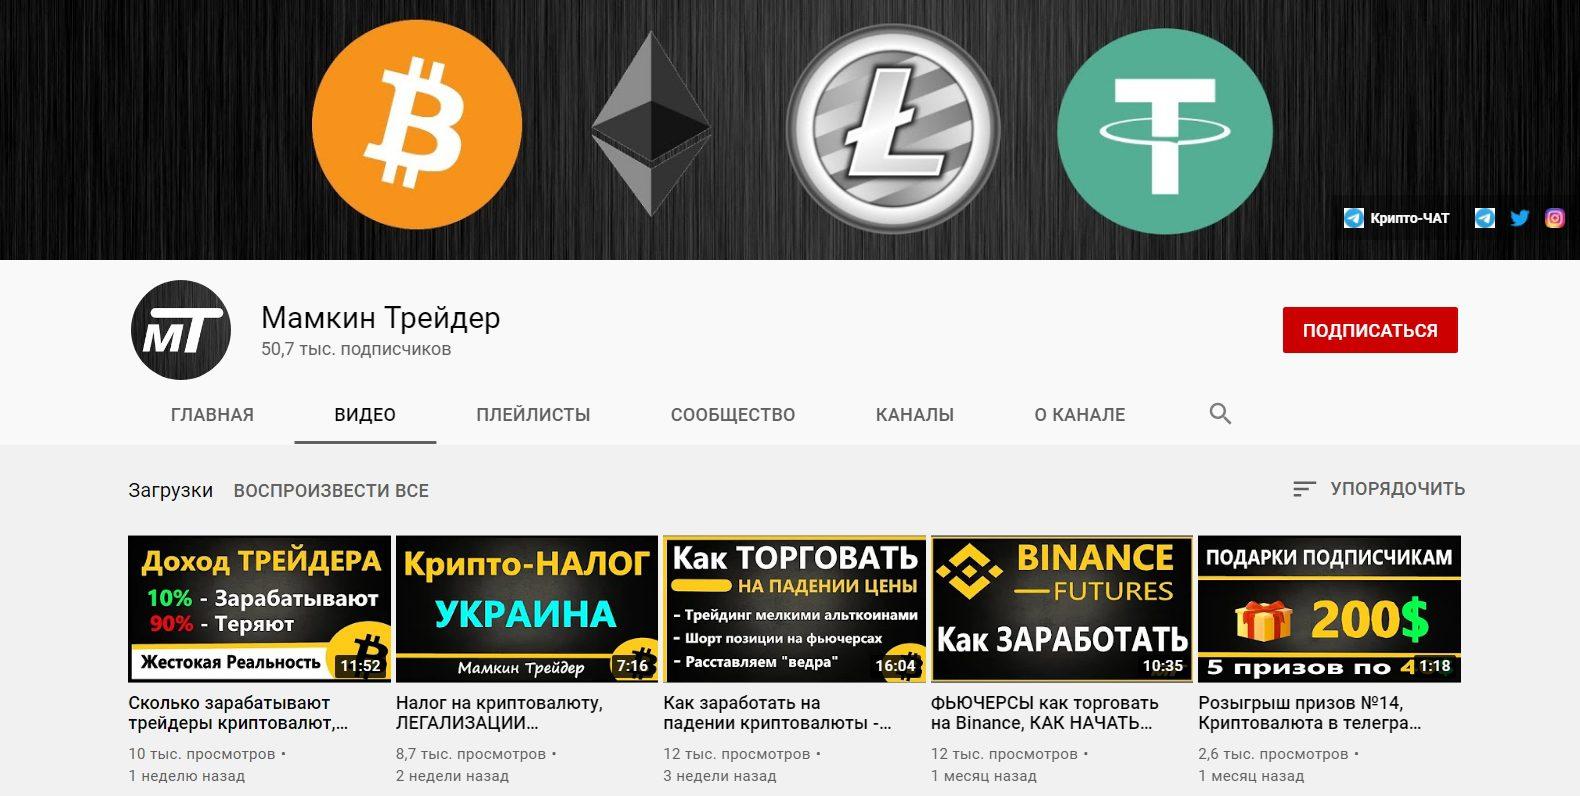 Ютуб-канал проекта «Мамкин трейдер»